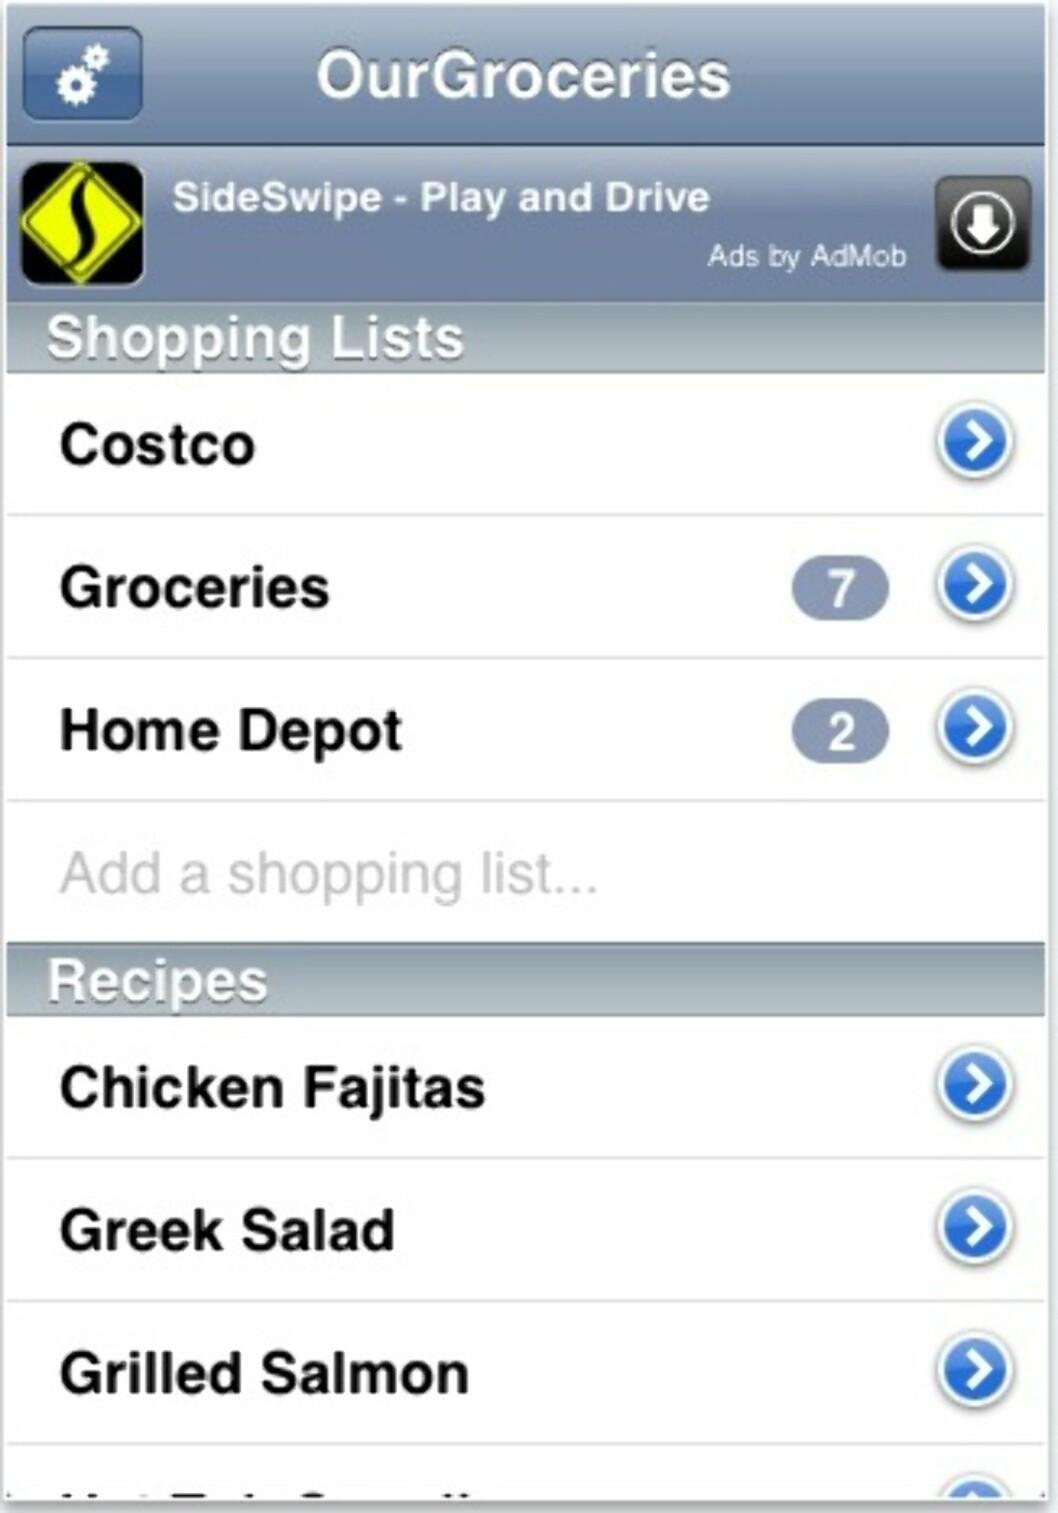 iPhone-versjonen av OurGroceries. Applikasjonen er gratis, men viser en annonse på toppen.